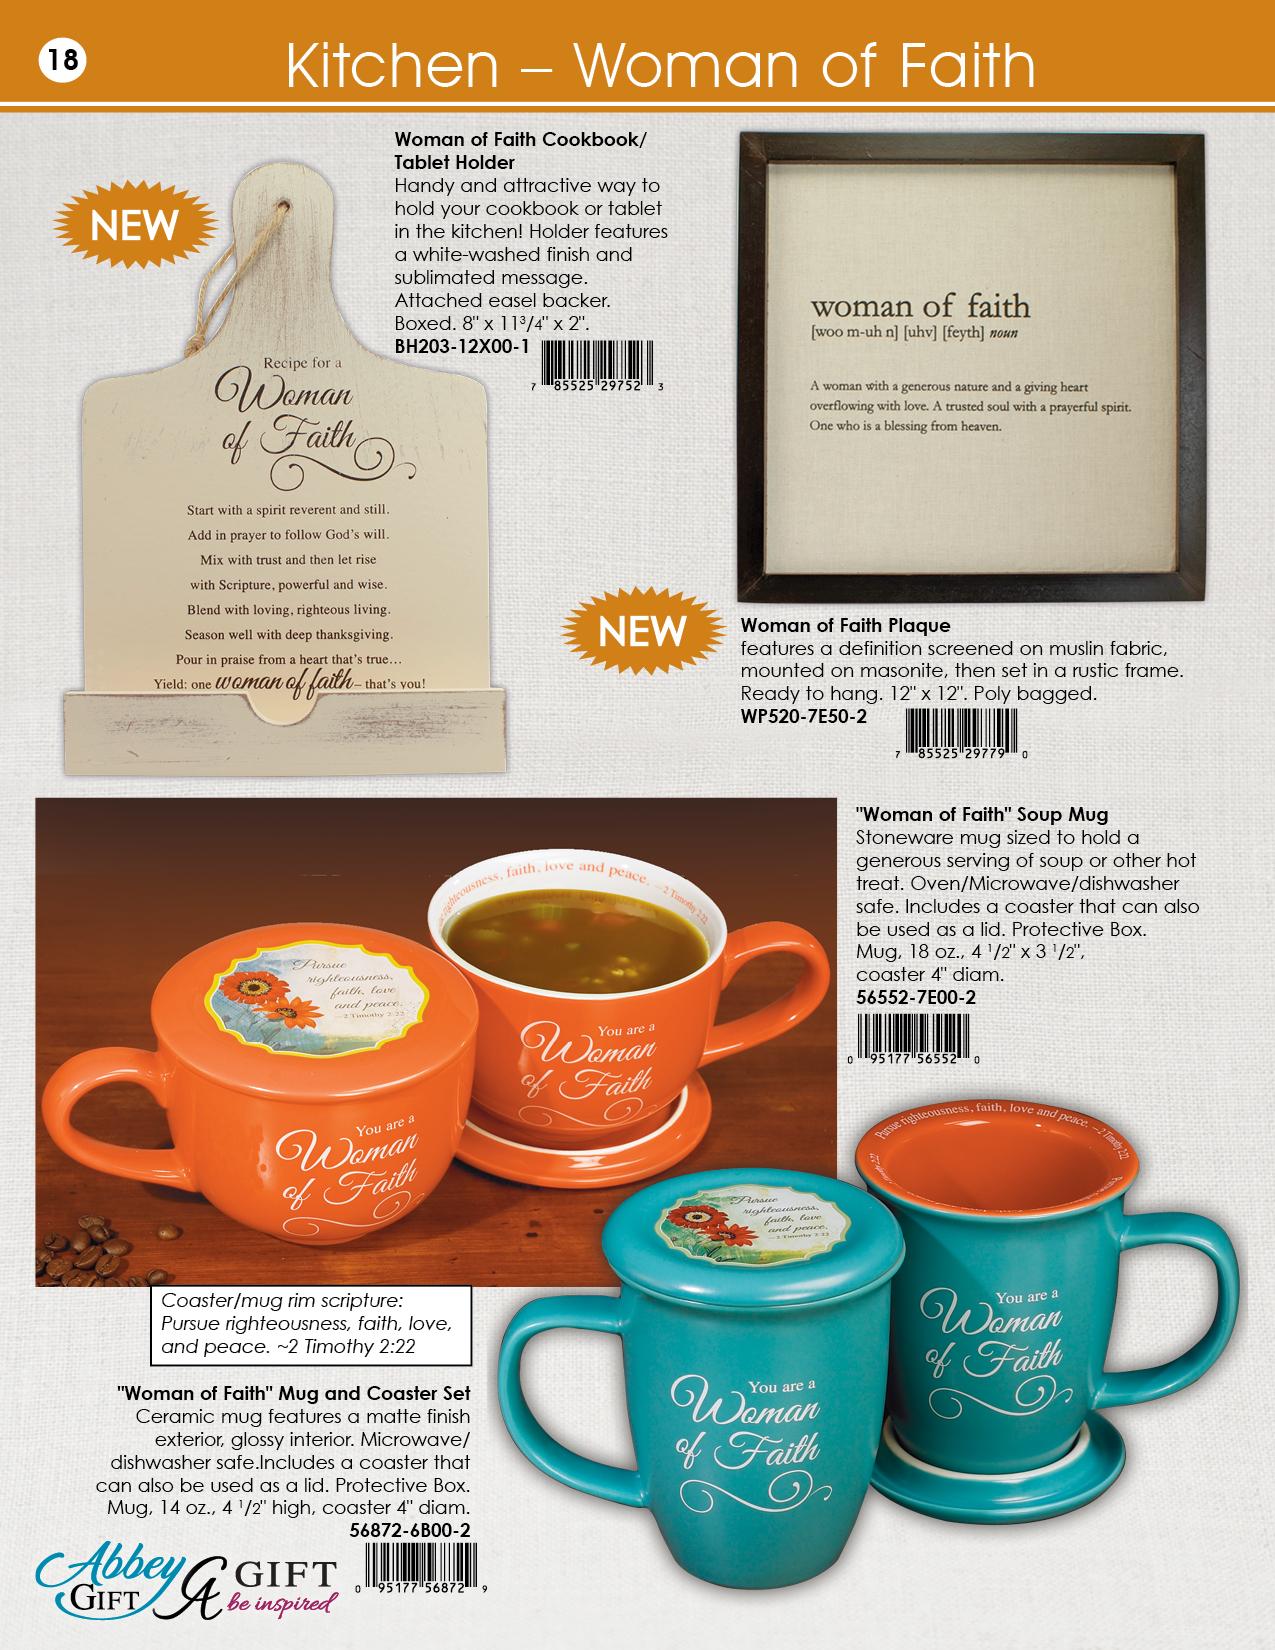 2019 Abbey CA Gift Catalog 18